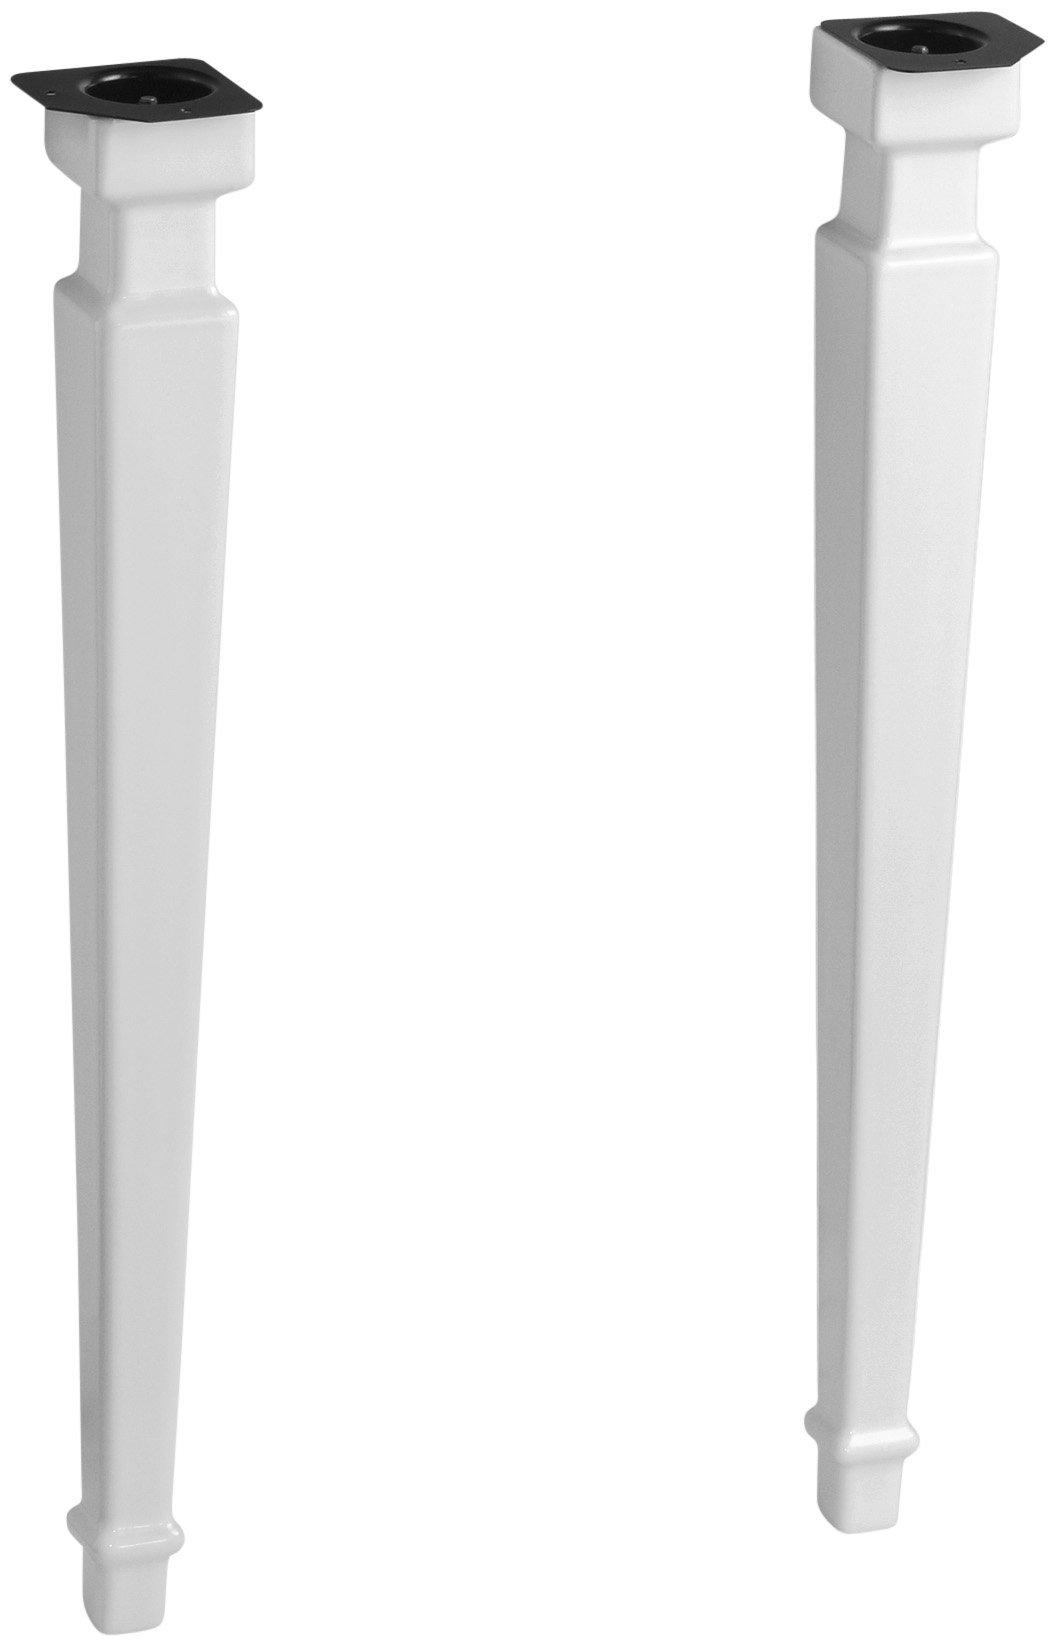 KOHLER K-2318-0 Kathryn Square Fireclay Legs, White